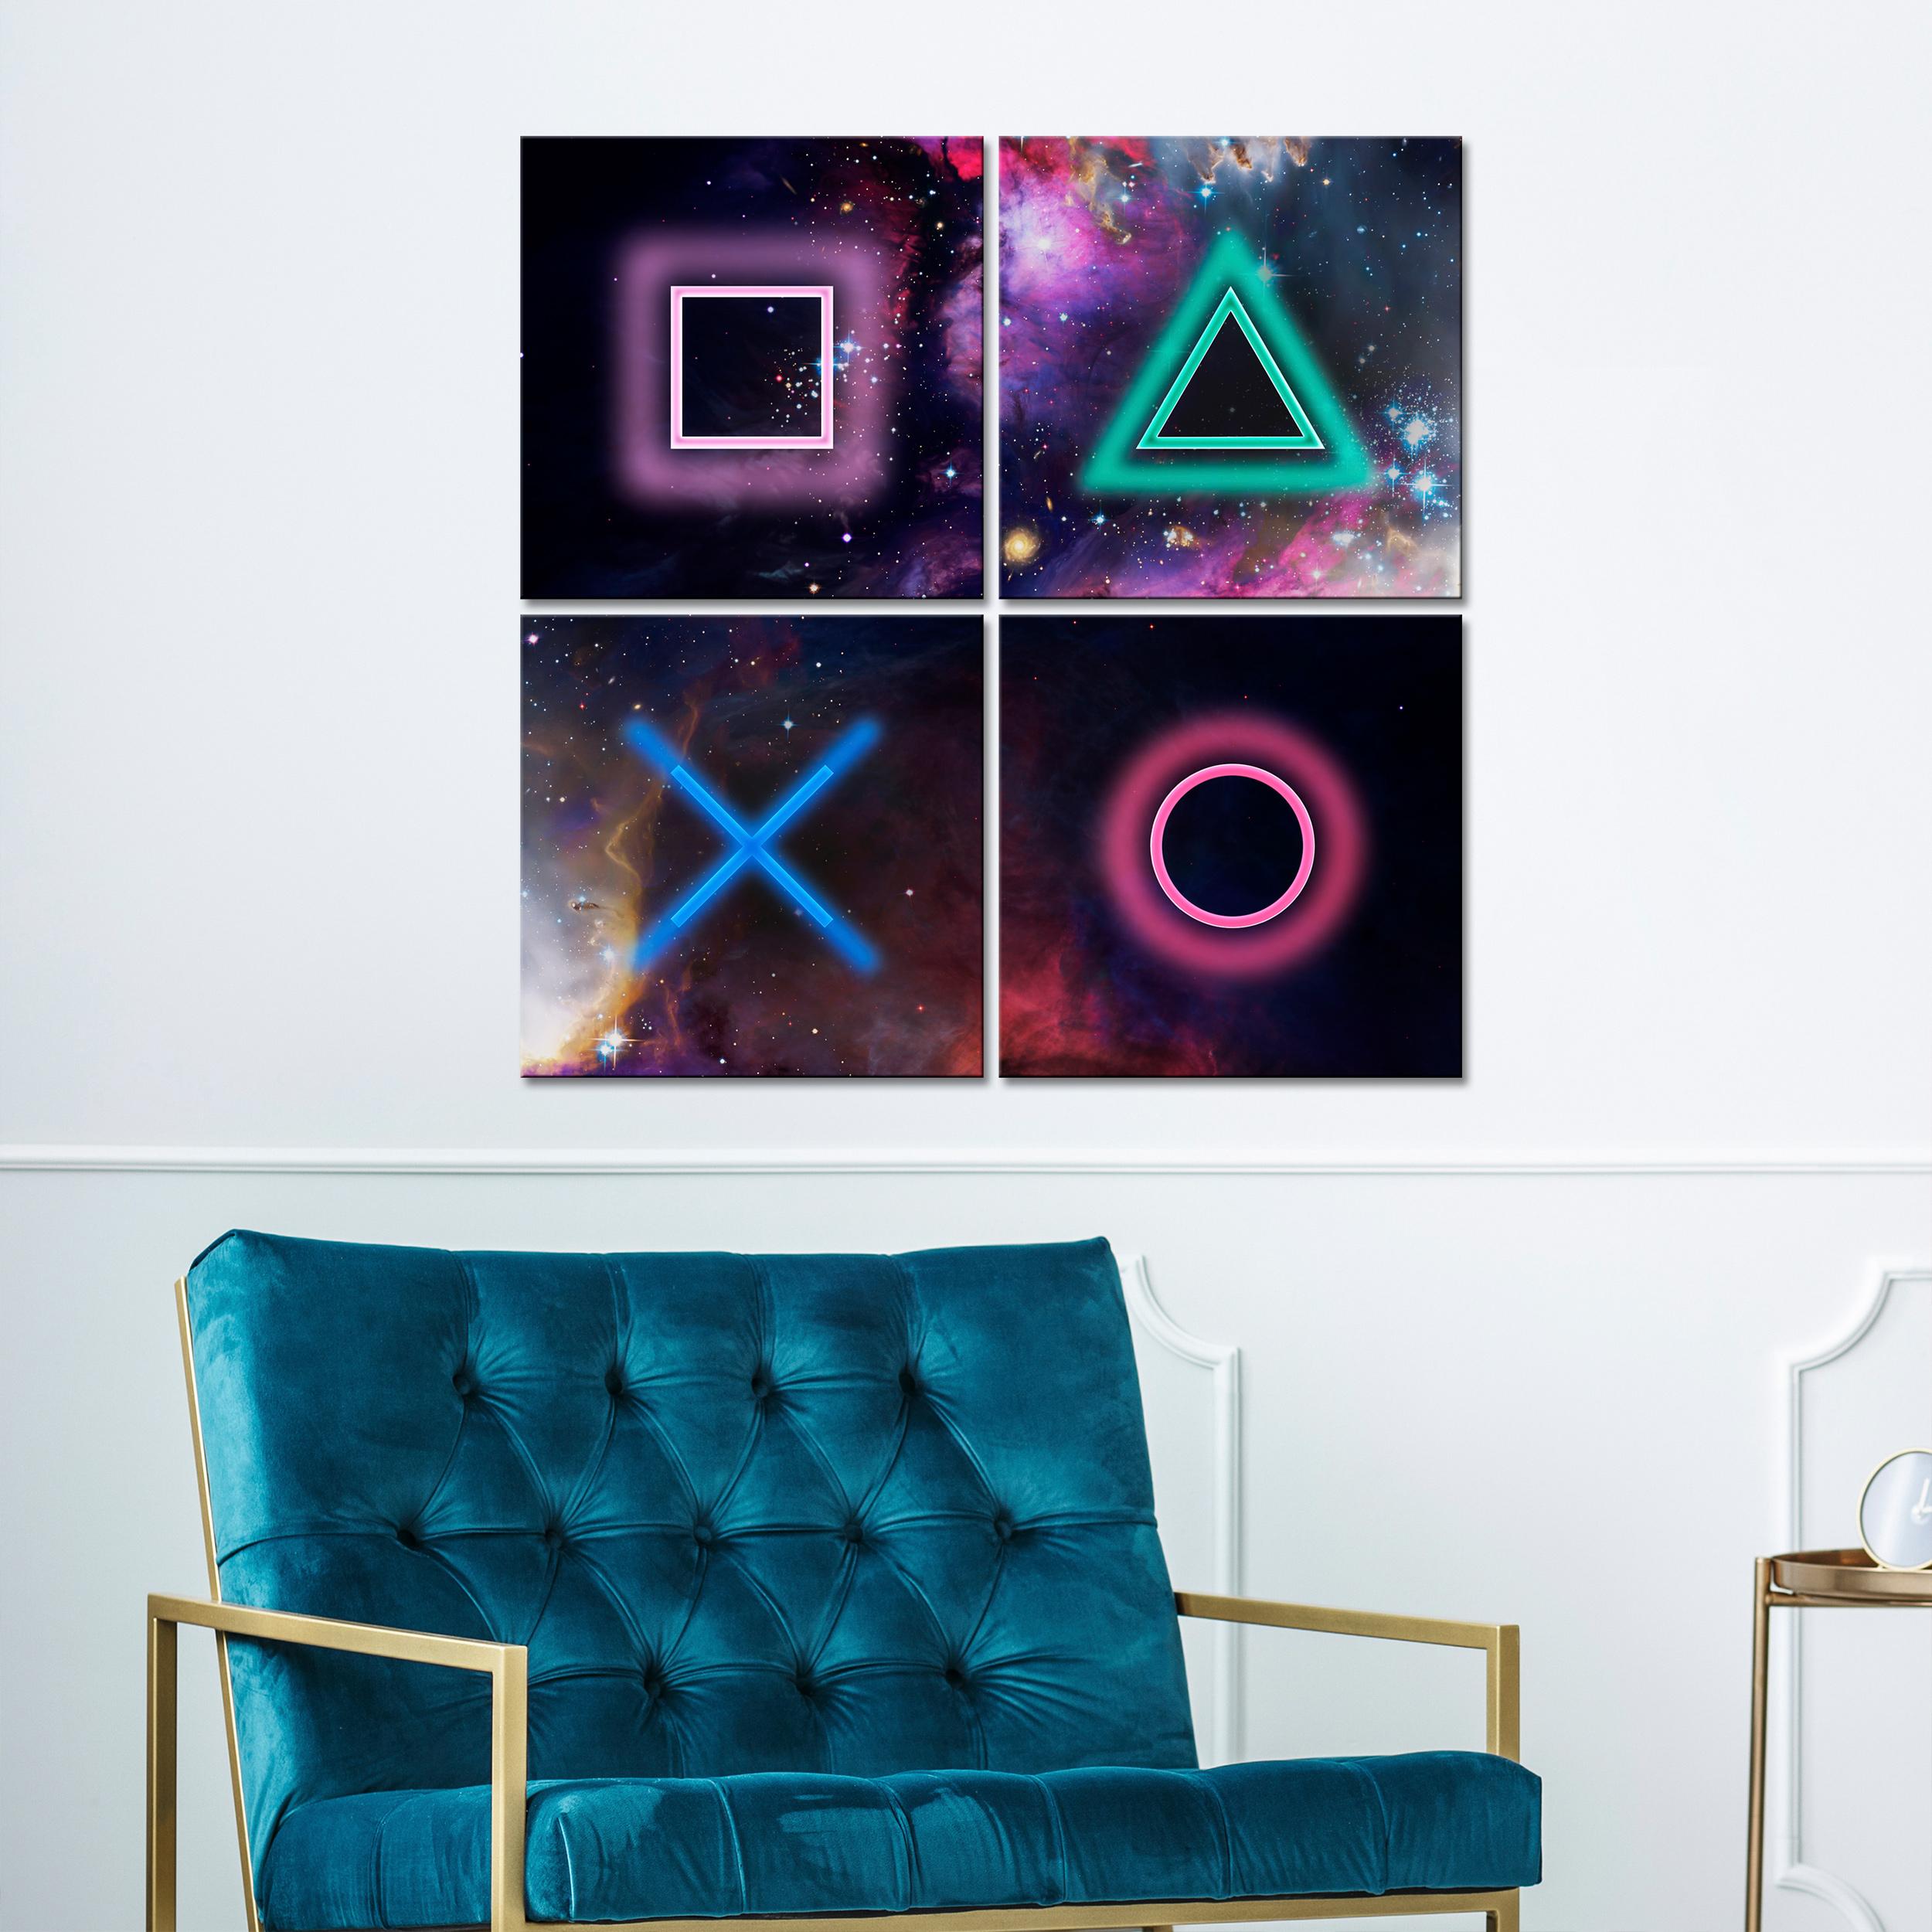 Indexbild 6 - Leinwand DEKO BILDER Spieler PlayStation Wandbild XXL Wohnzimmer Abstrakt 4Motiv